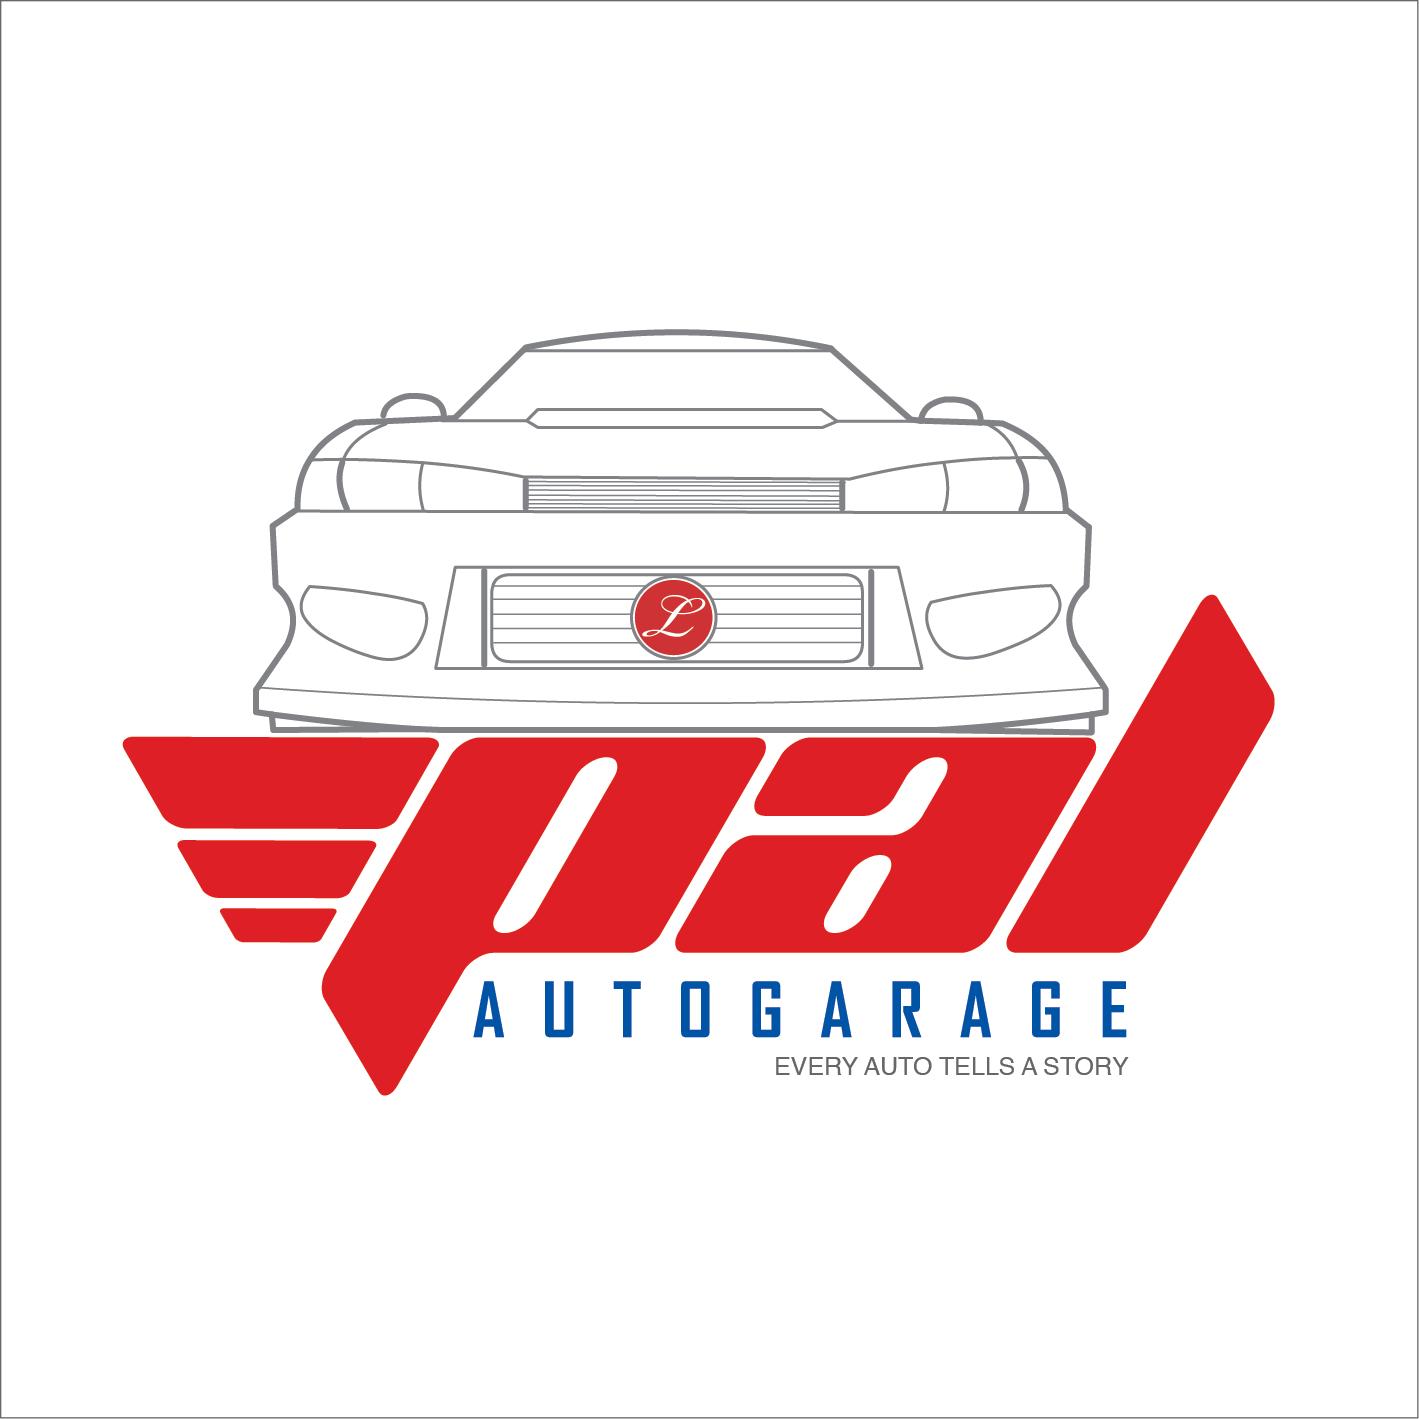 PAL AUTO GARAGE